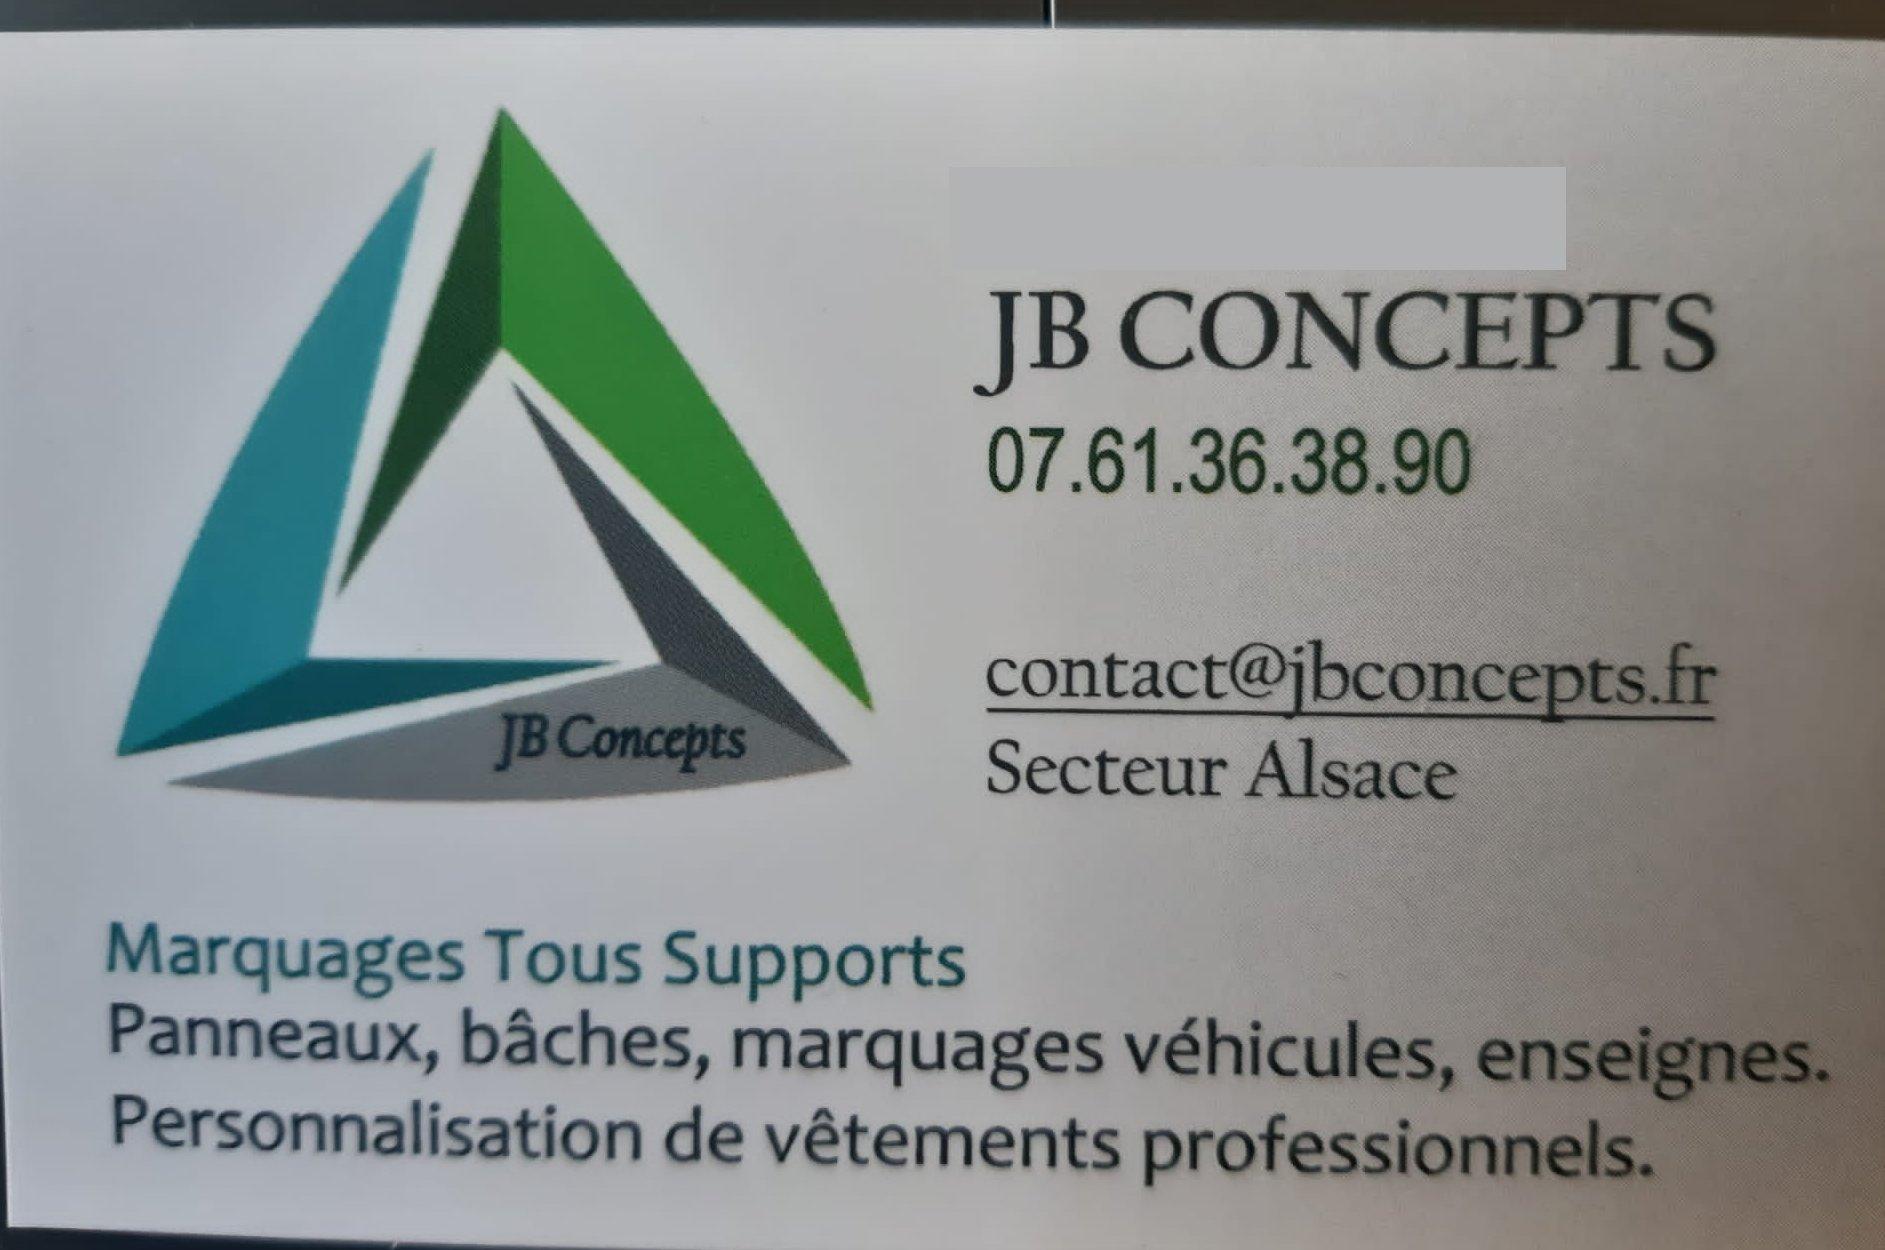 jb concepts